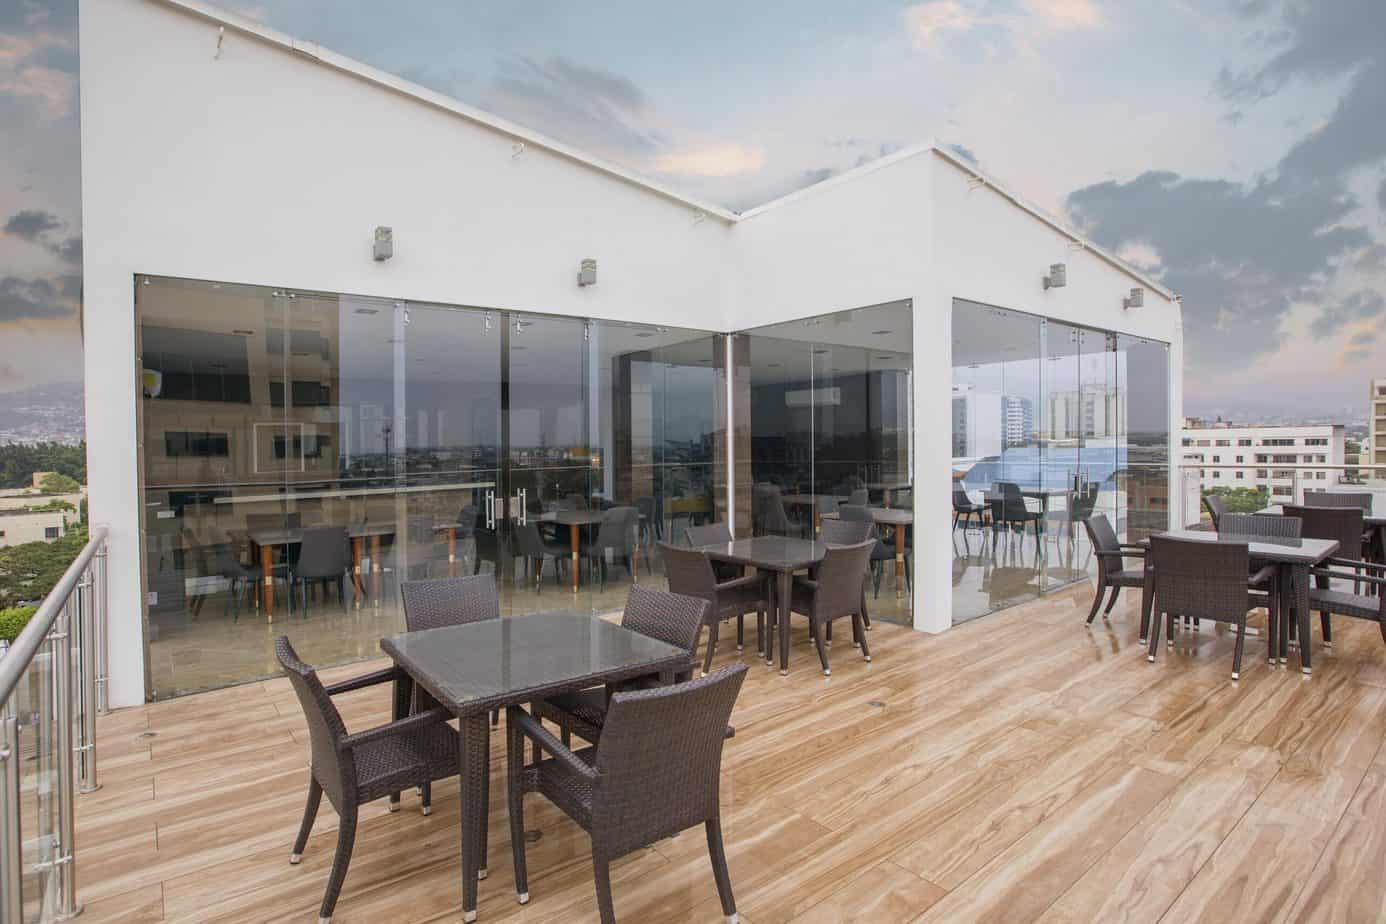 img instalaciones restaurante y terraza 1 alba studio